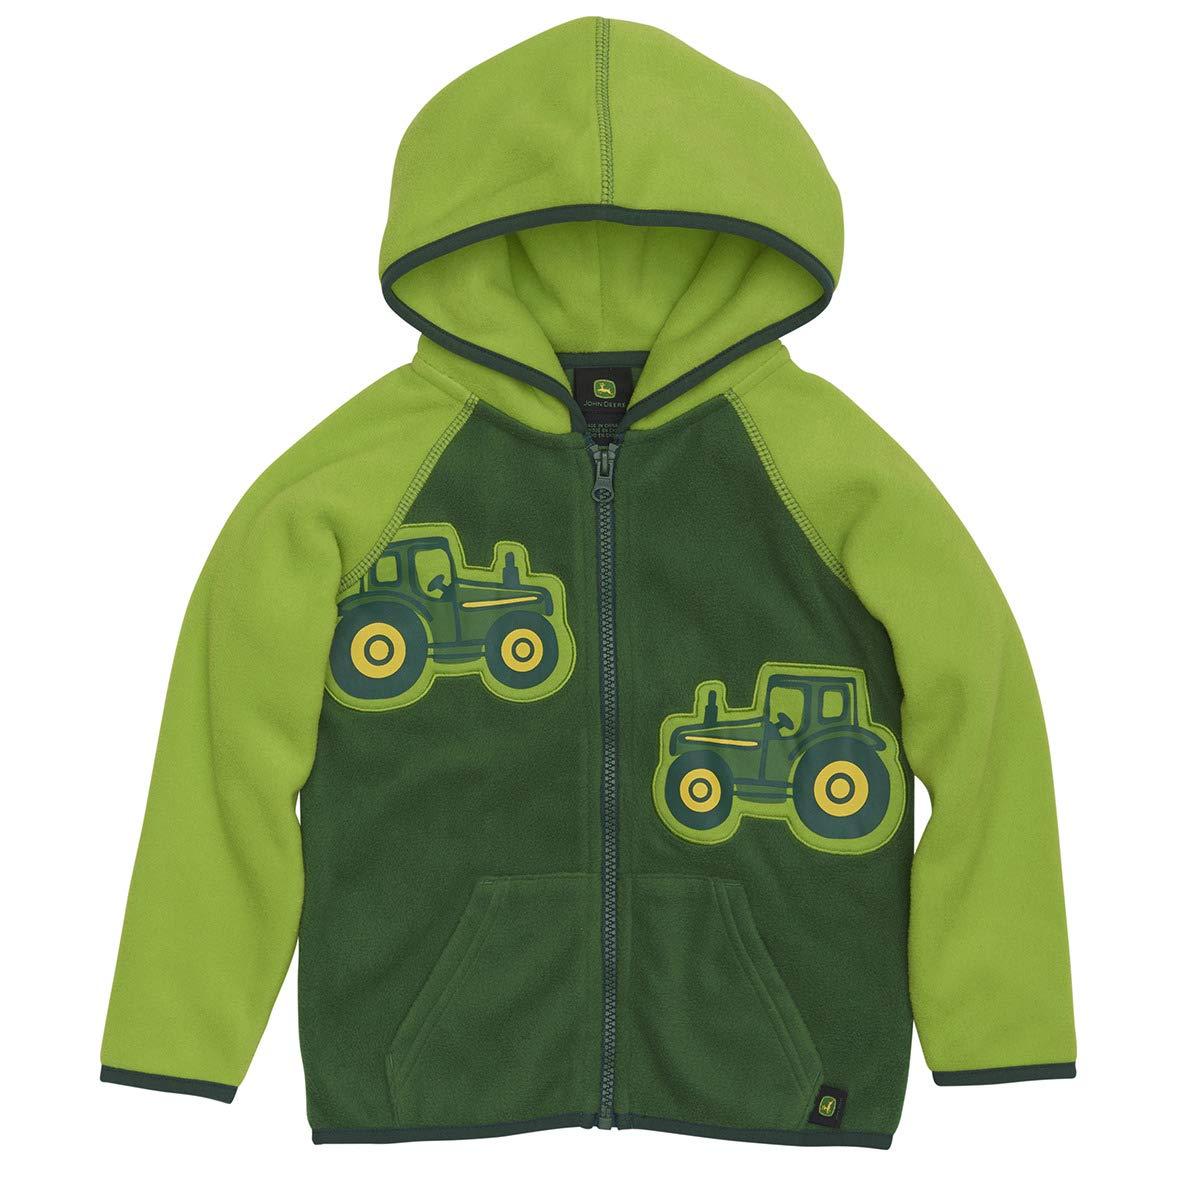 Multi-Packs John Deere Toddler Boys Micro Fleece Zip Hoodie Lime Green LP67510